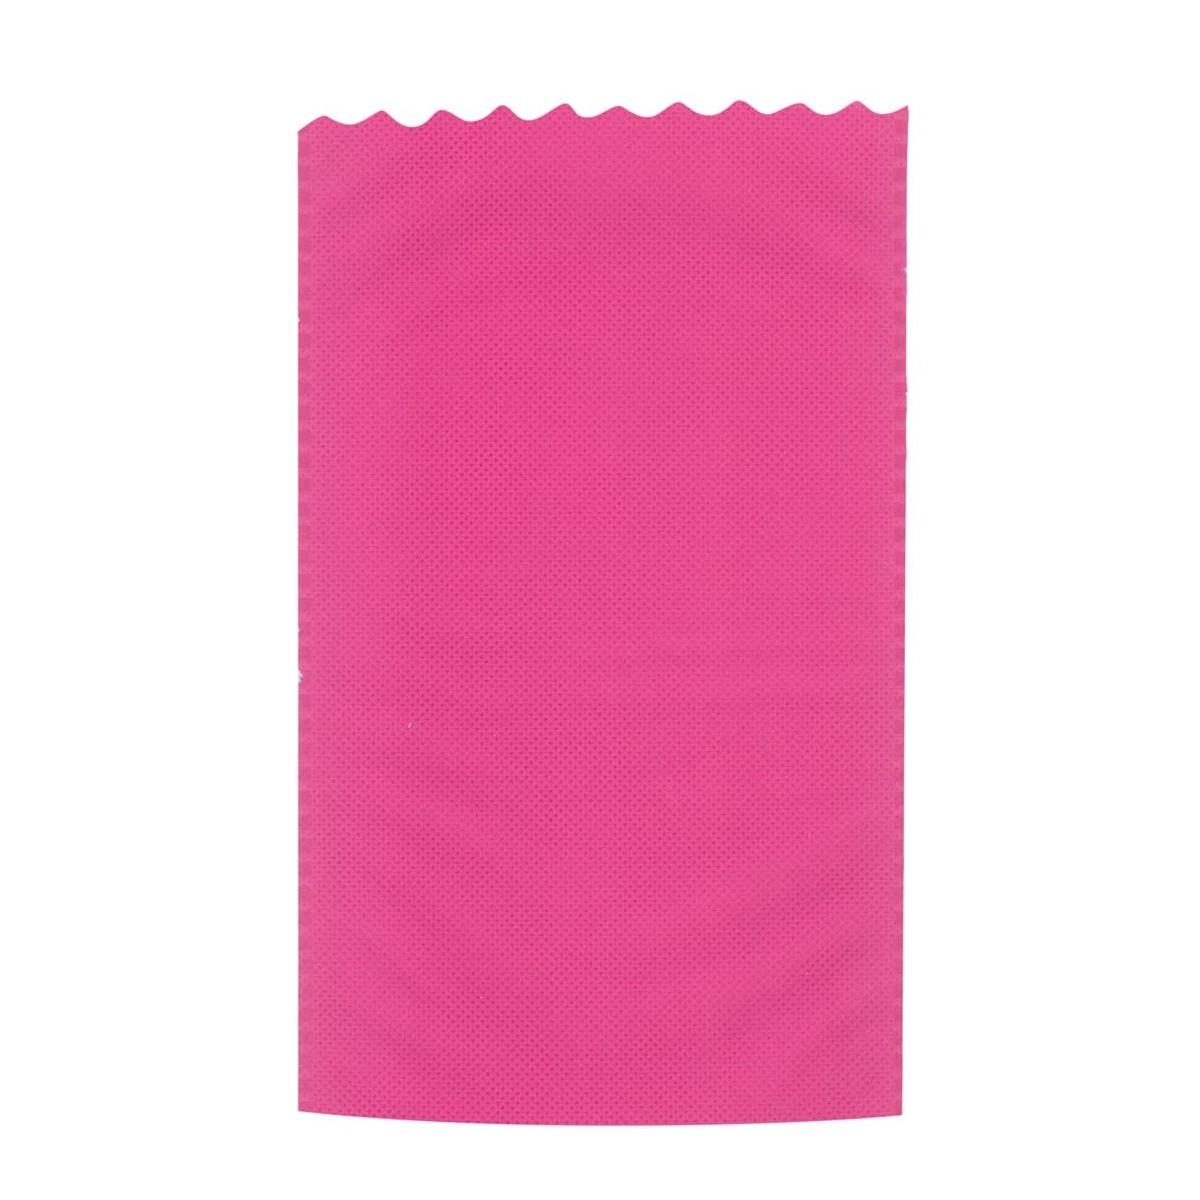 Busta Regalo Tessuto Non Tessuto TNT Colorata Confezione 25 Pezzi Fuxia